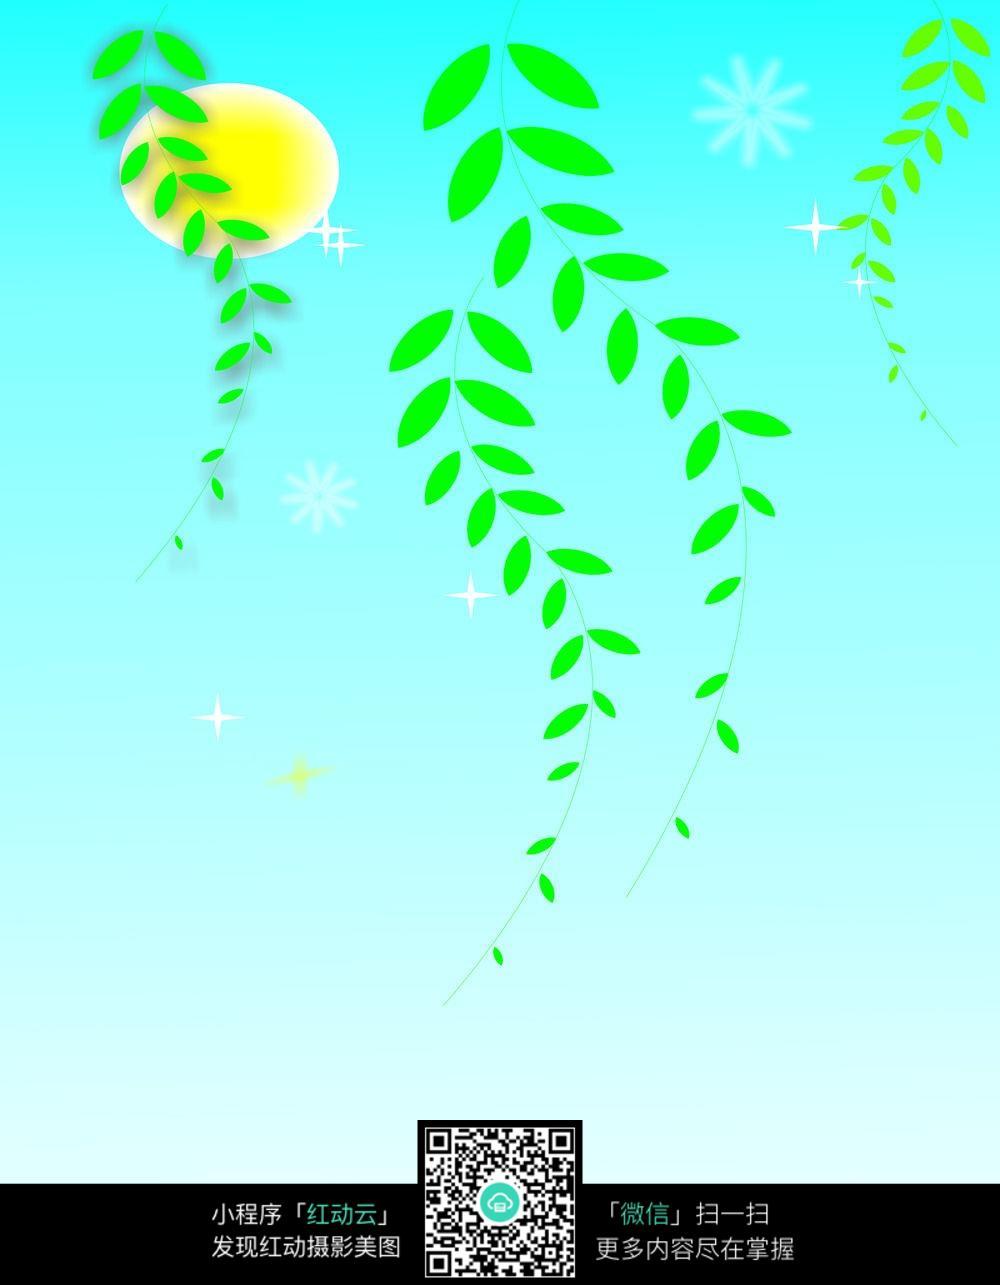 春天柳叶背景图图片